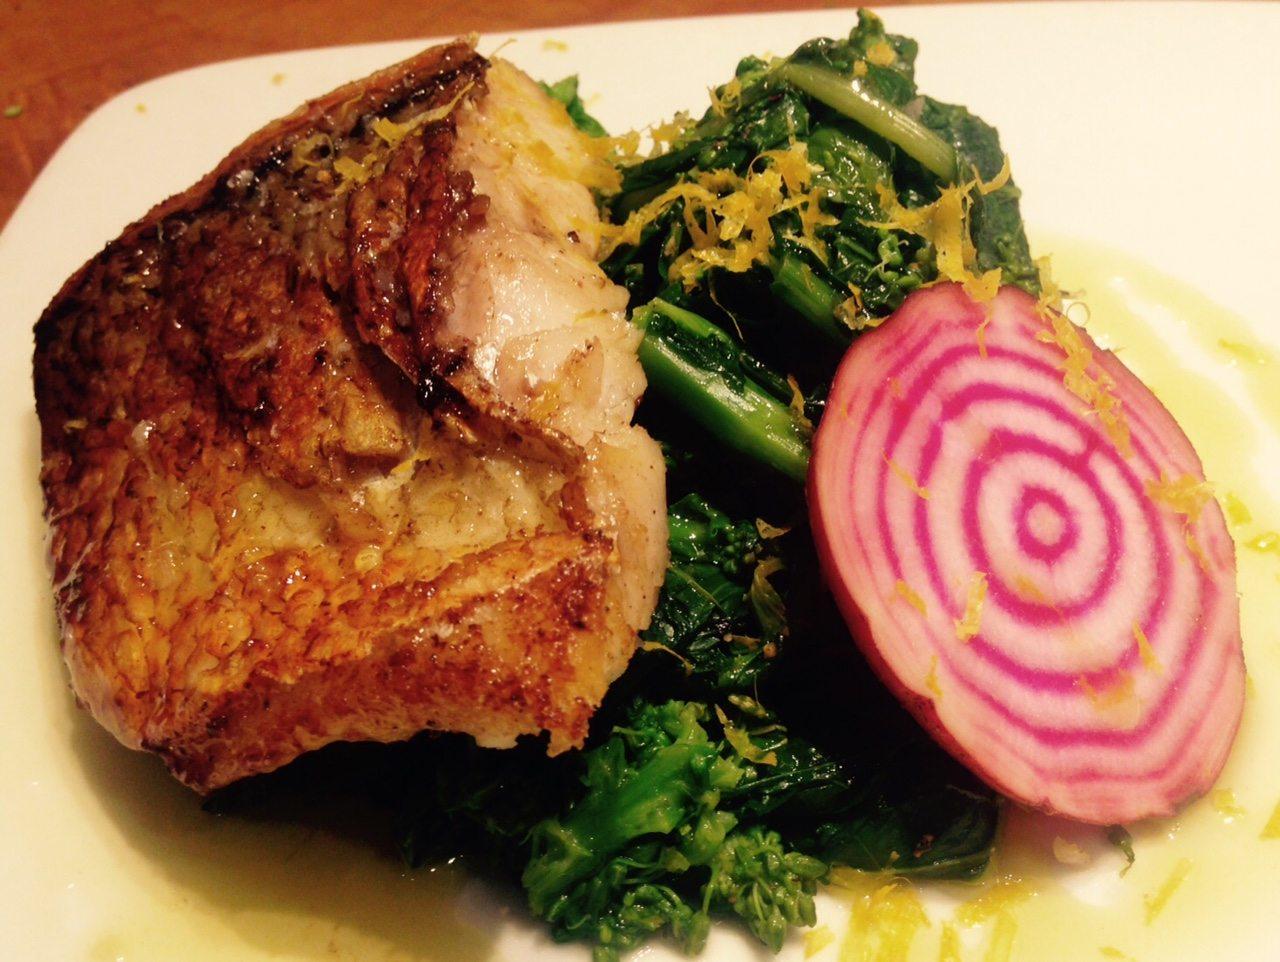 toronto-chefs-restaurants-consumed-bob-blumer-food-network-surreal-gourmet-fish-dinner